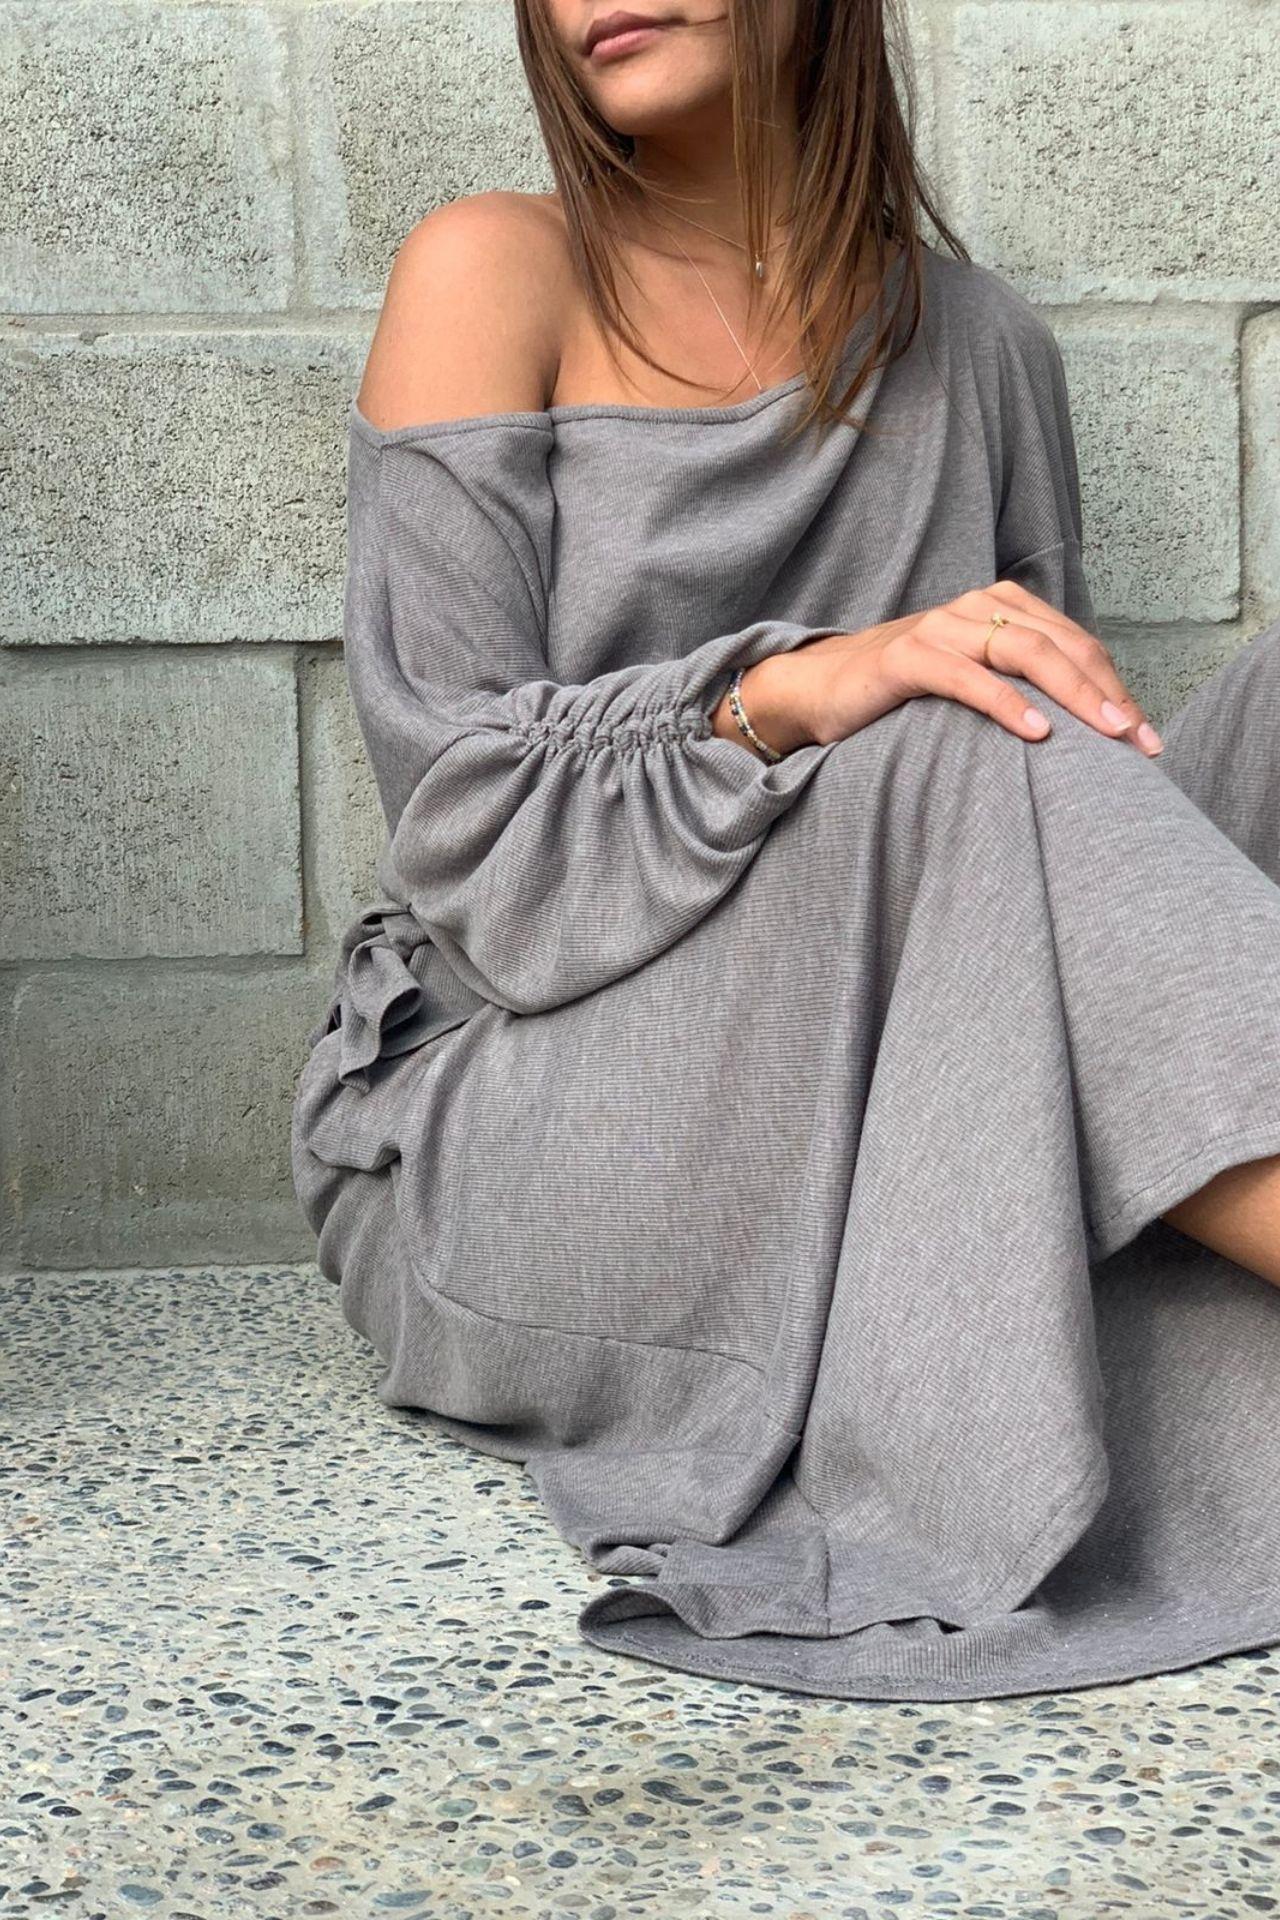 Polo de algodón muy cómodo con detalle en el brazo.  Es talla standard, es suelto.  Le da a una talla S M o L.